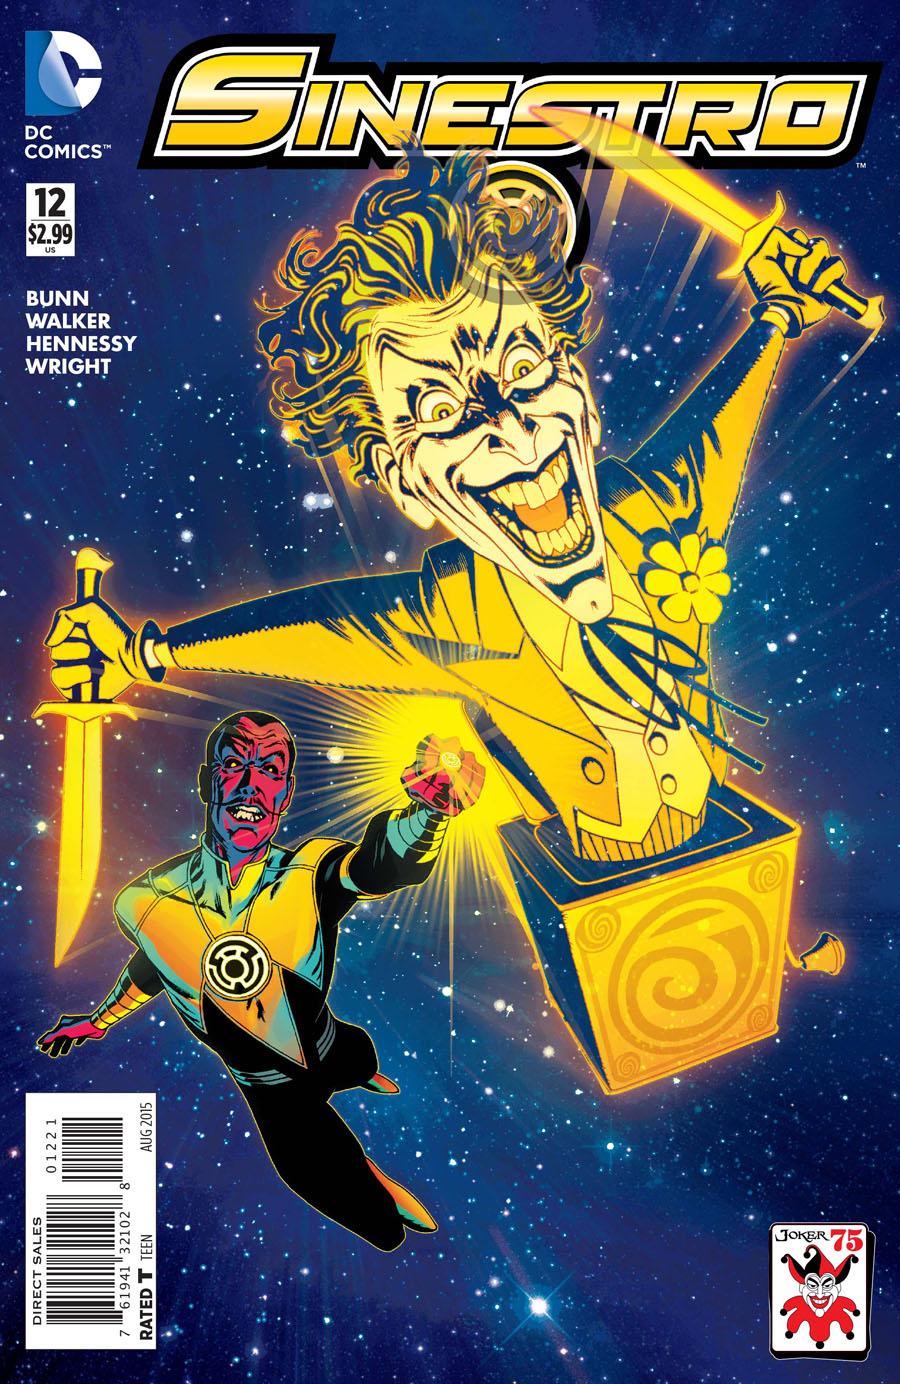 Sinestro #12 Cover B Variant Joshua Middleton The Joker 75th Anniversary Cover